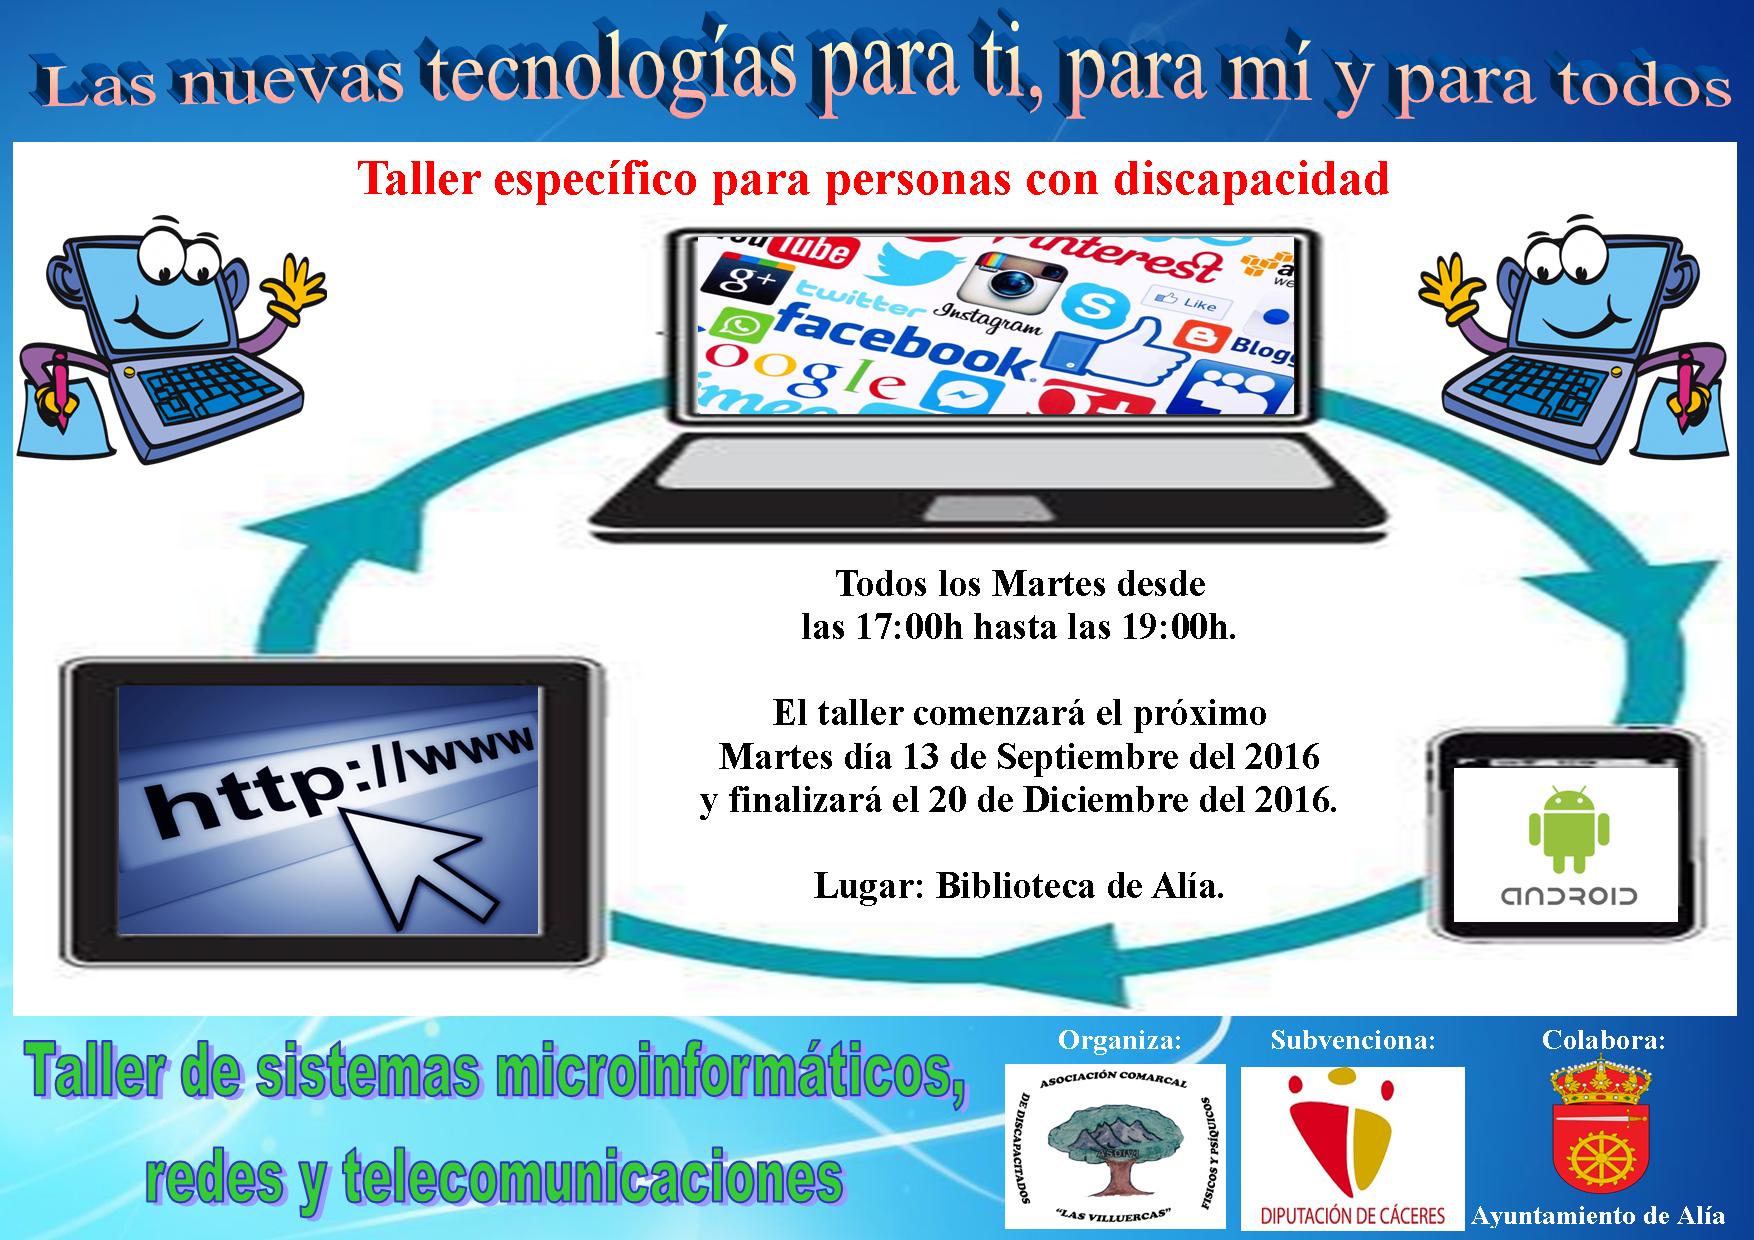 Taller de Sistemas microinformáticos, redes y telecomunicaciones 2016 - Alía